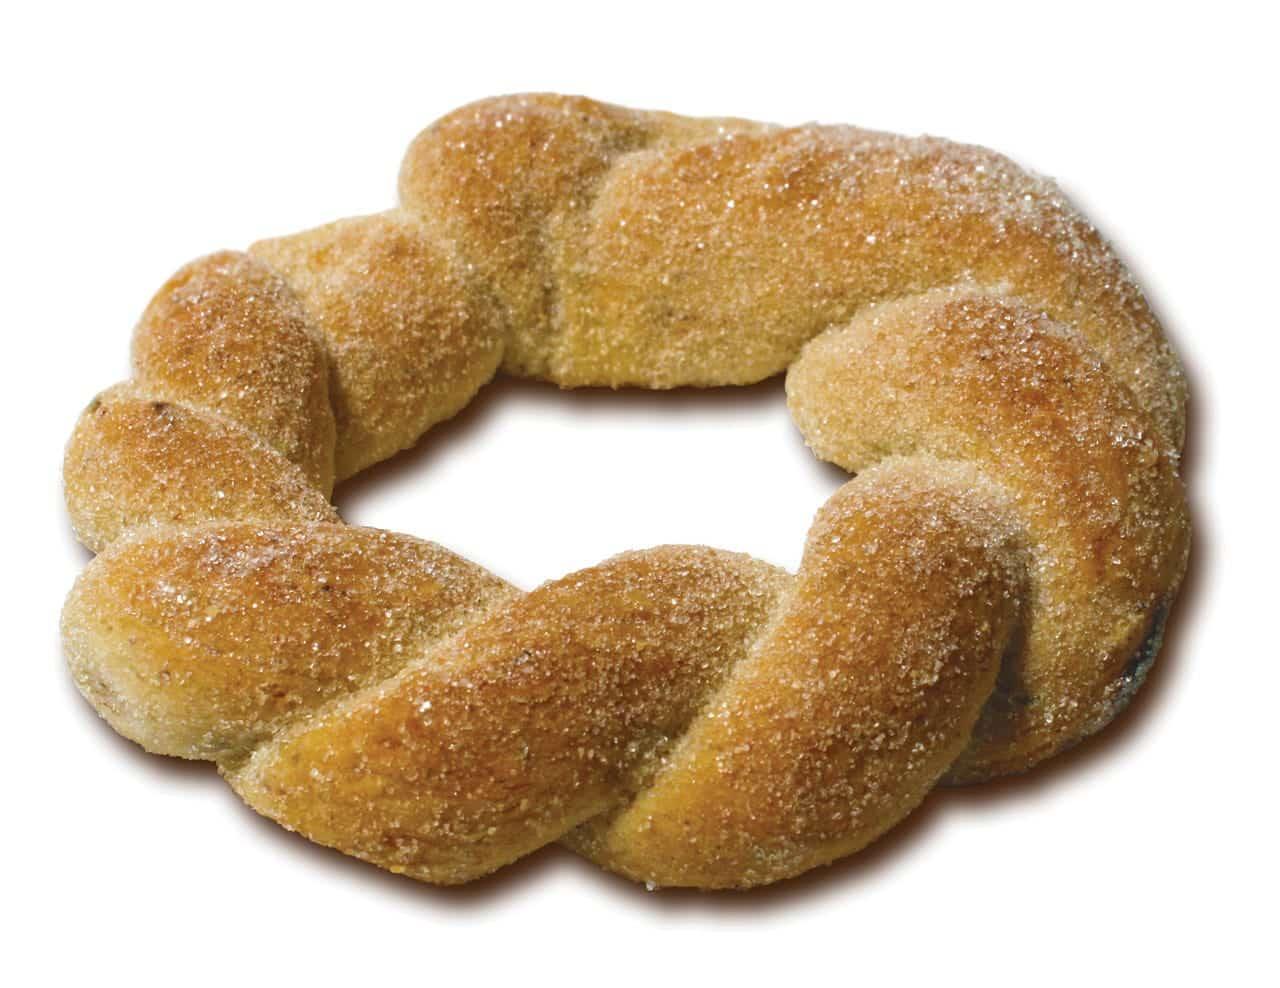 Foto: Pan dulce, rosca de canela. (Archivo Gráfico Larousse).